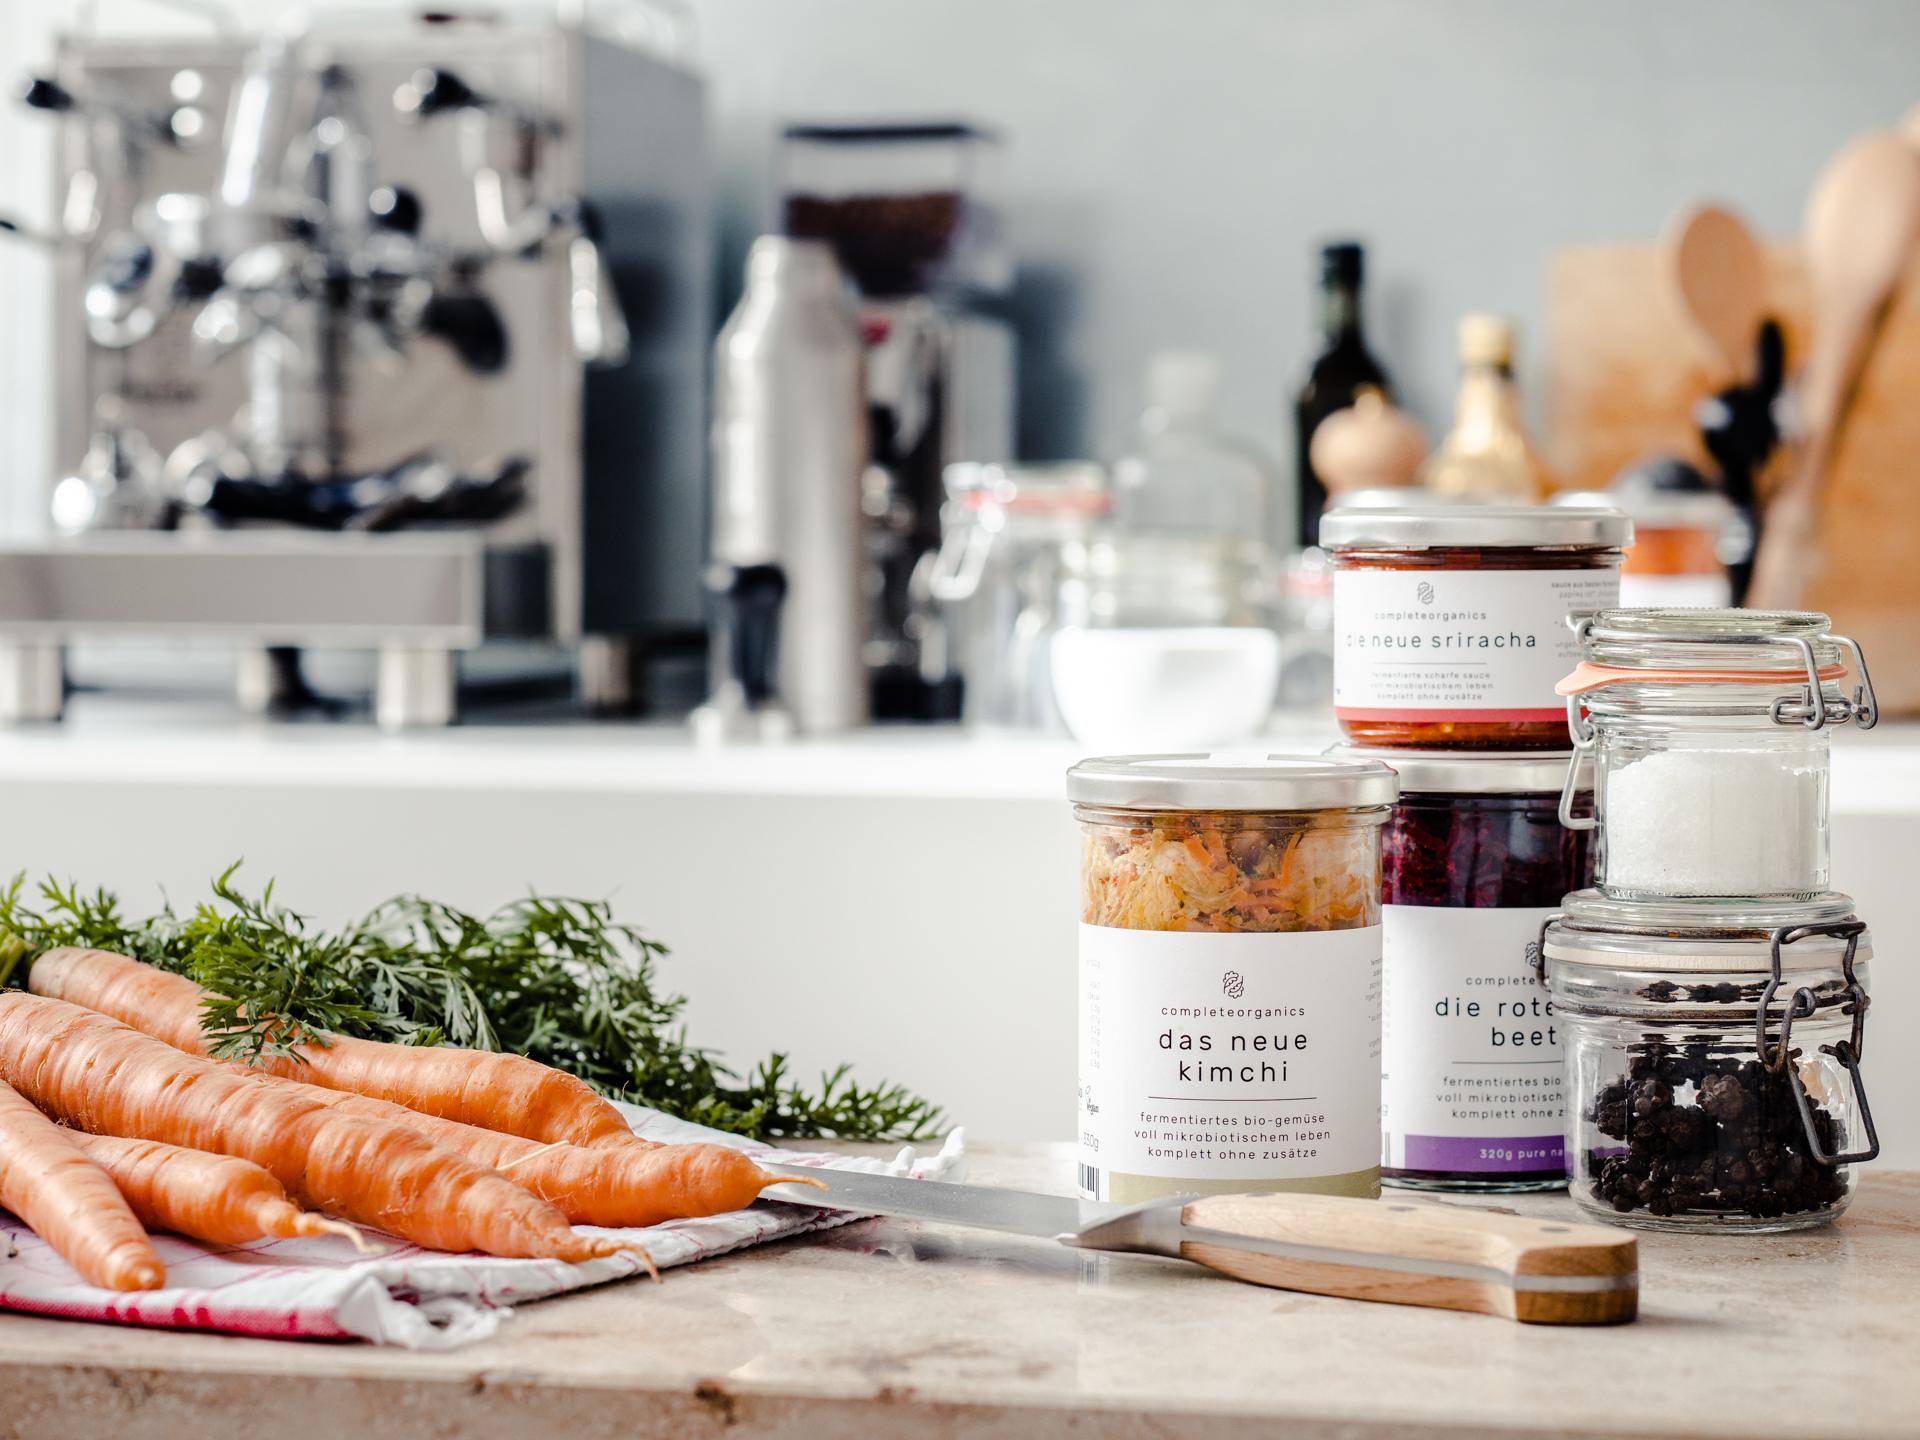 Completeorganics Kitchen Shot Gläser und Karotten